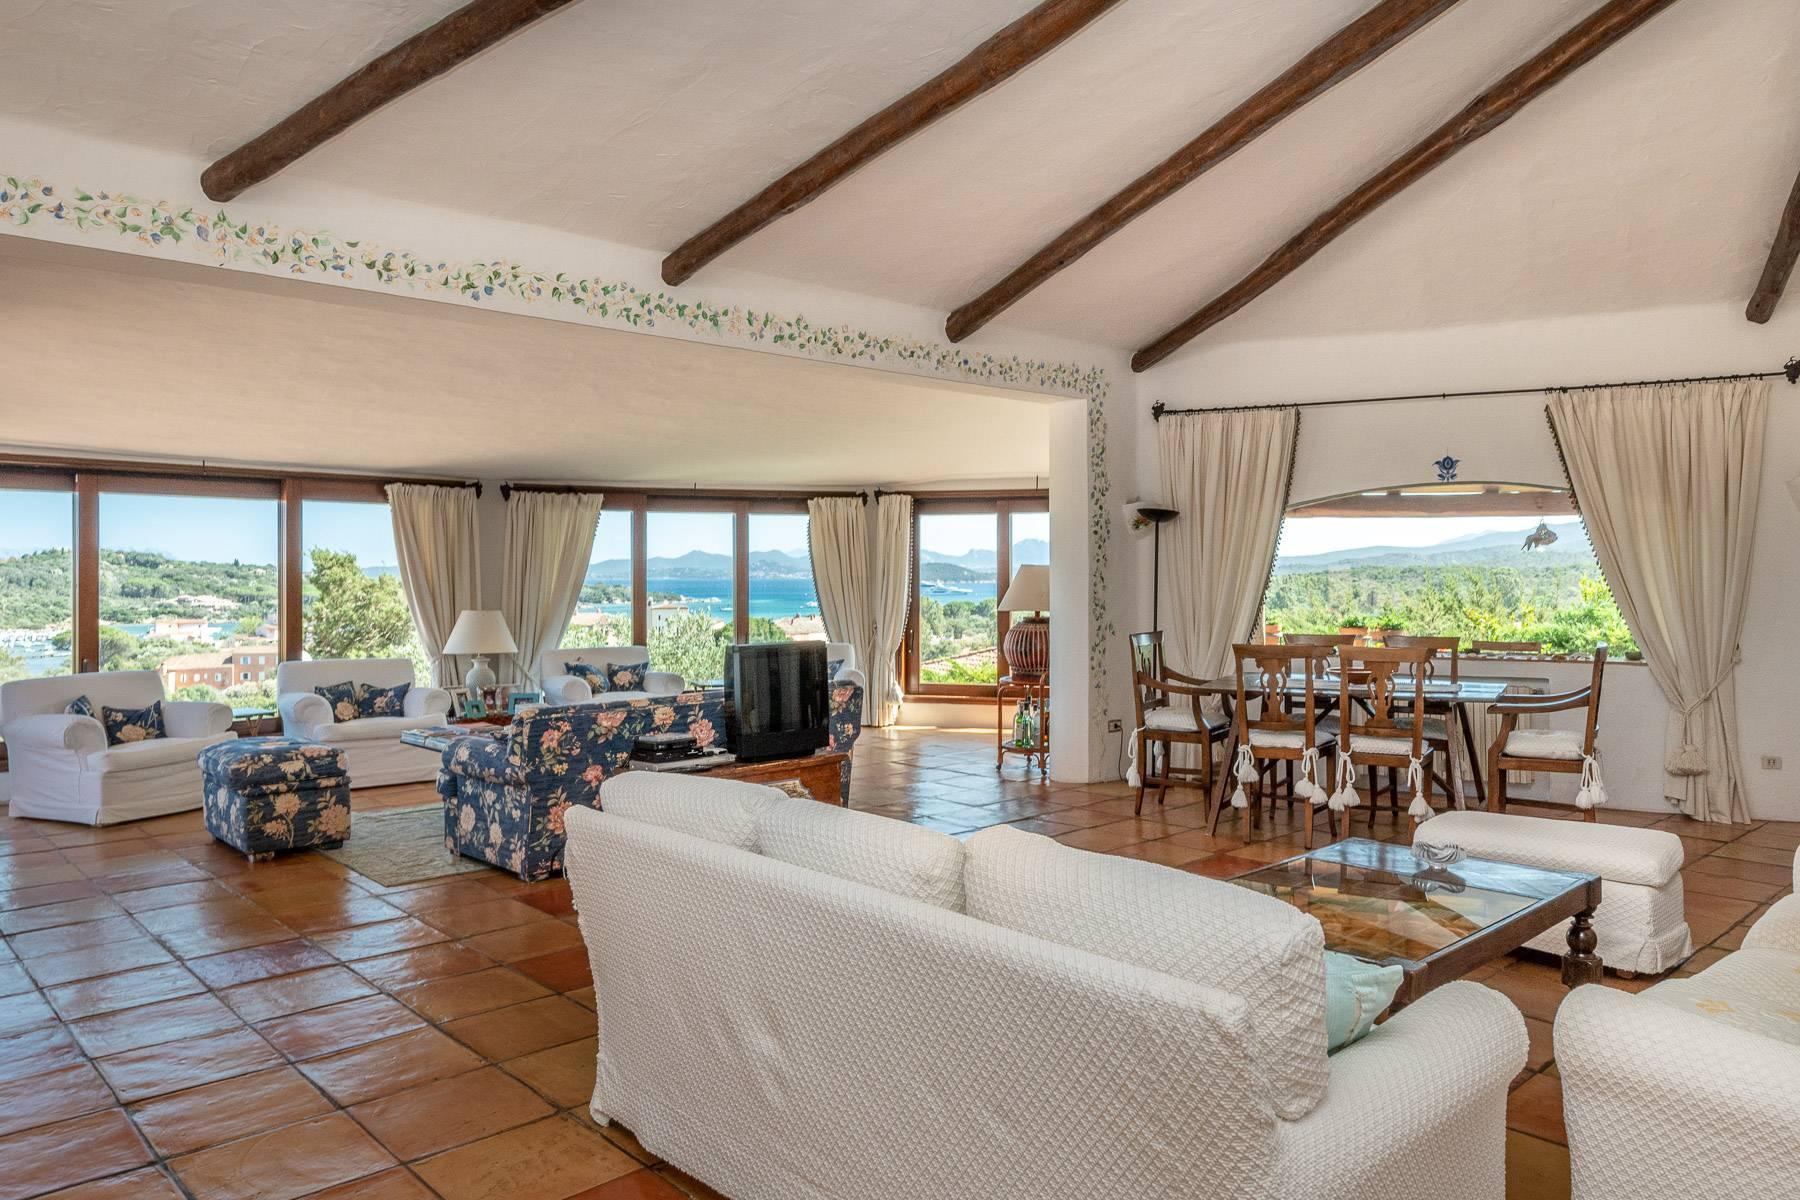 Bellissima villa indipendente con piscina a pochi passi dal Golf Club e Cala di Volpe - 13